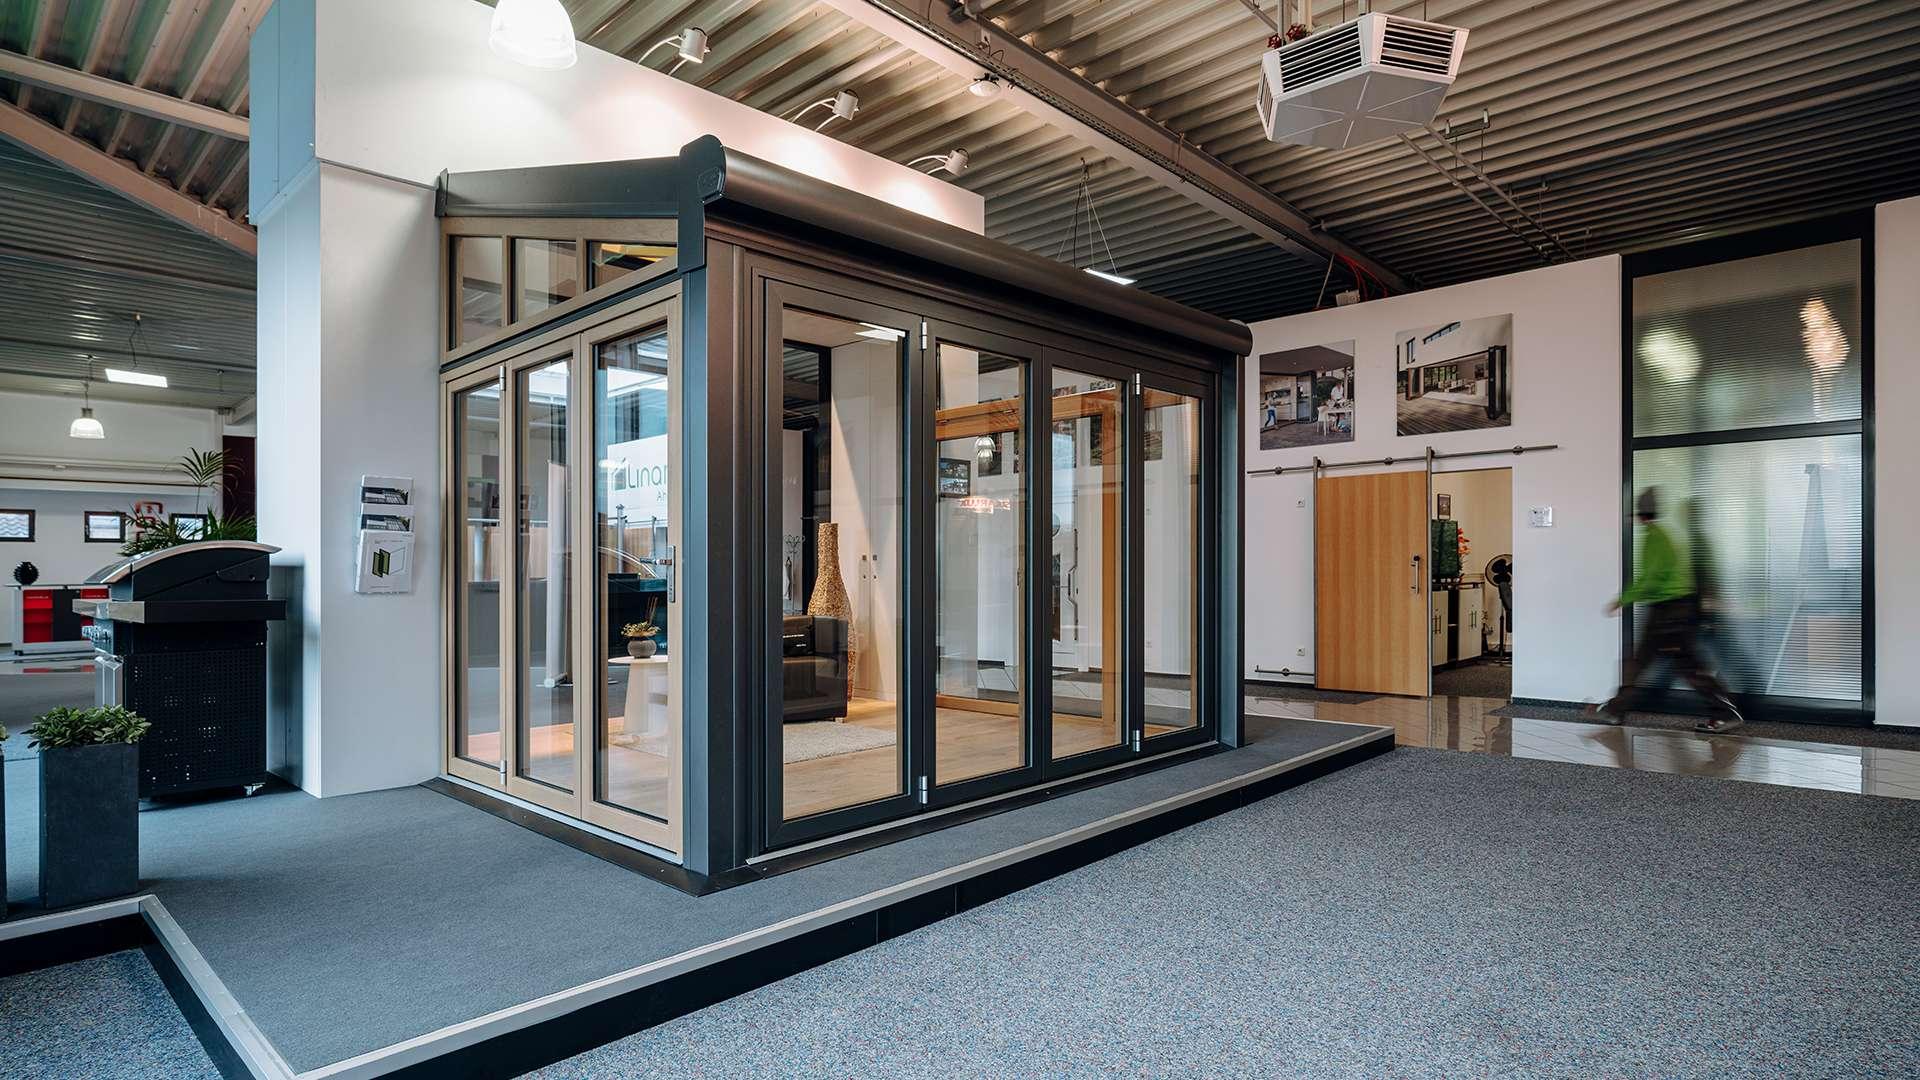 Wintergarten in der Ausstellung von Linara Ahaus in Ahaus